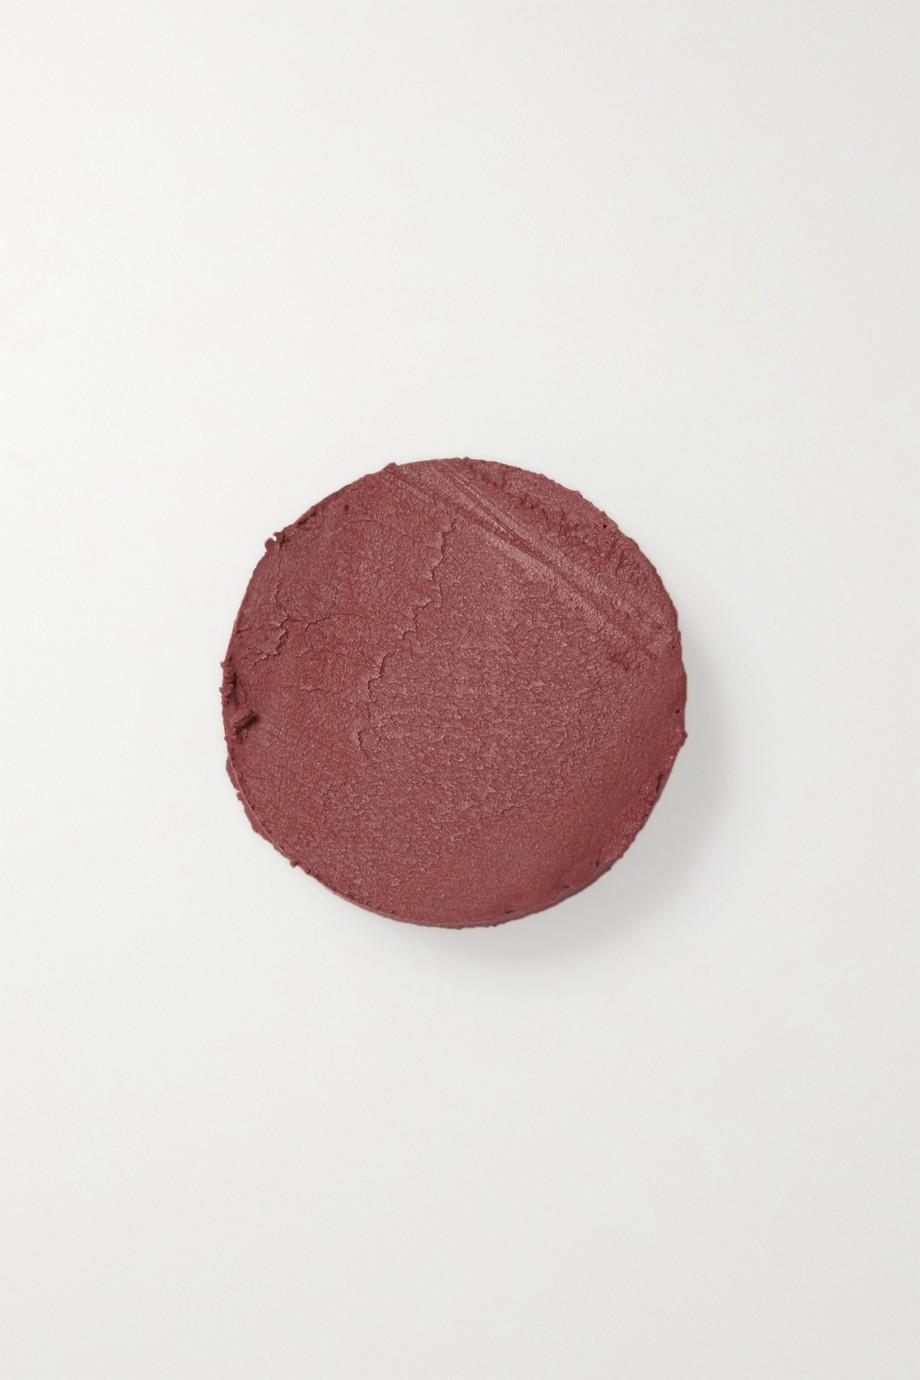 Gucci Beauty Rouge à lèvres mat, Julie Rose 210